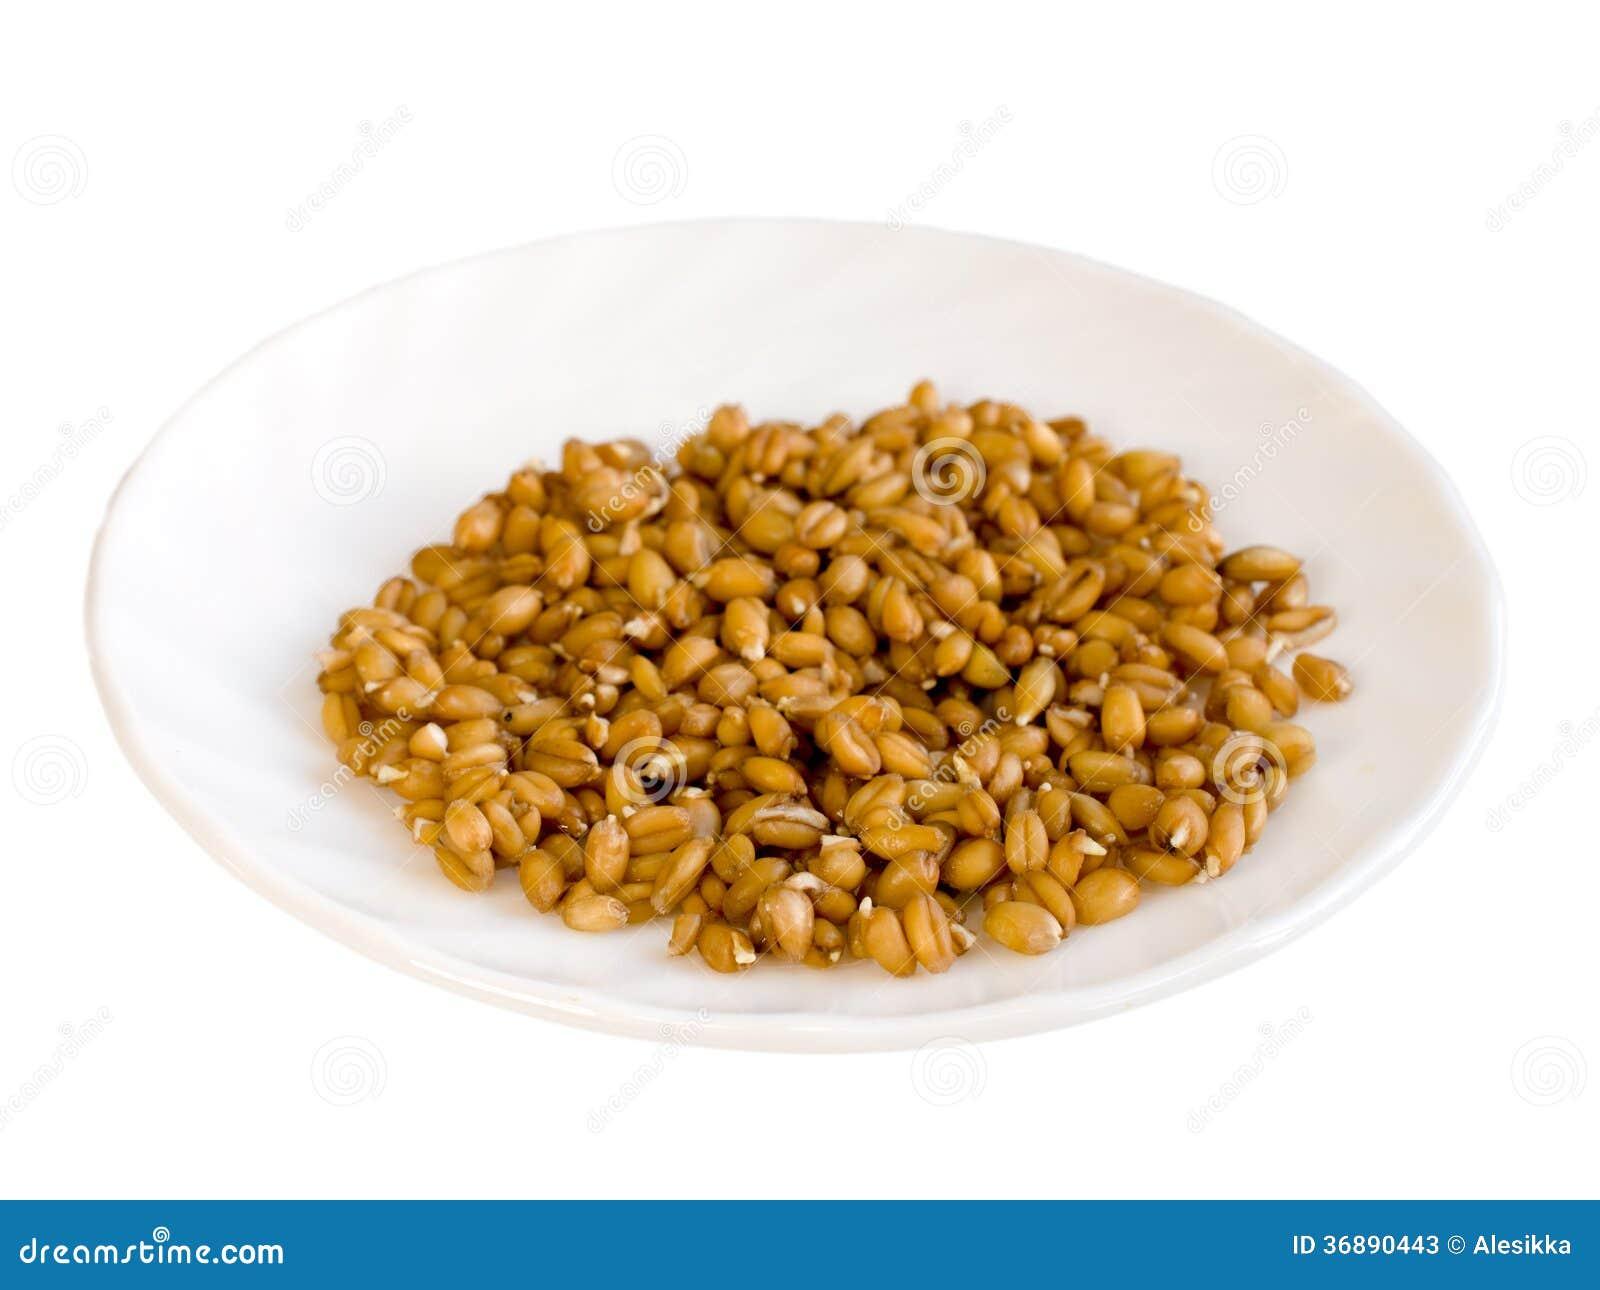 Download Cereali Germinati Sul Piatto Bianco Immagine Stock - Immagine di mucchio, consumo: 36890443